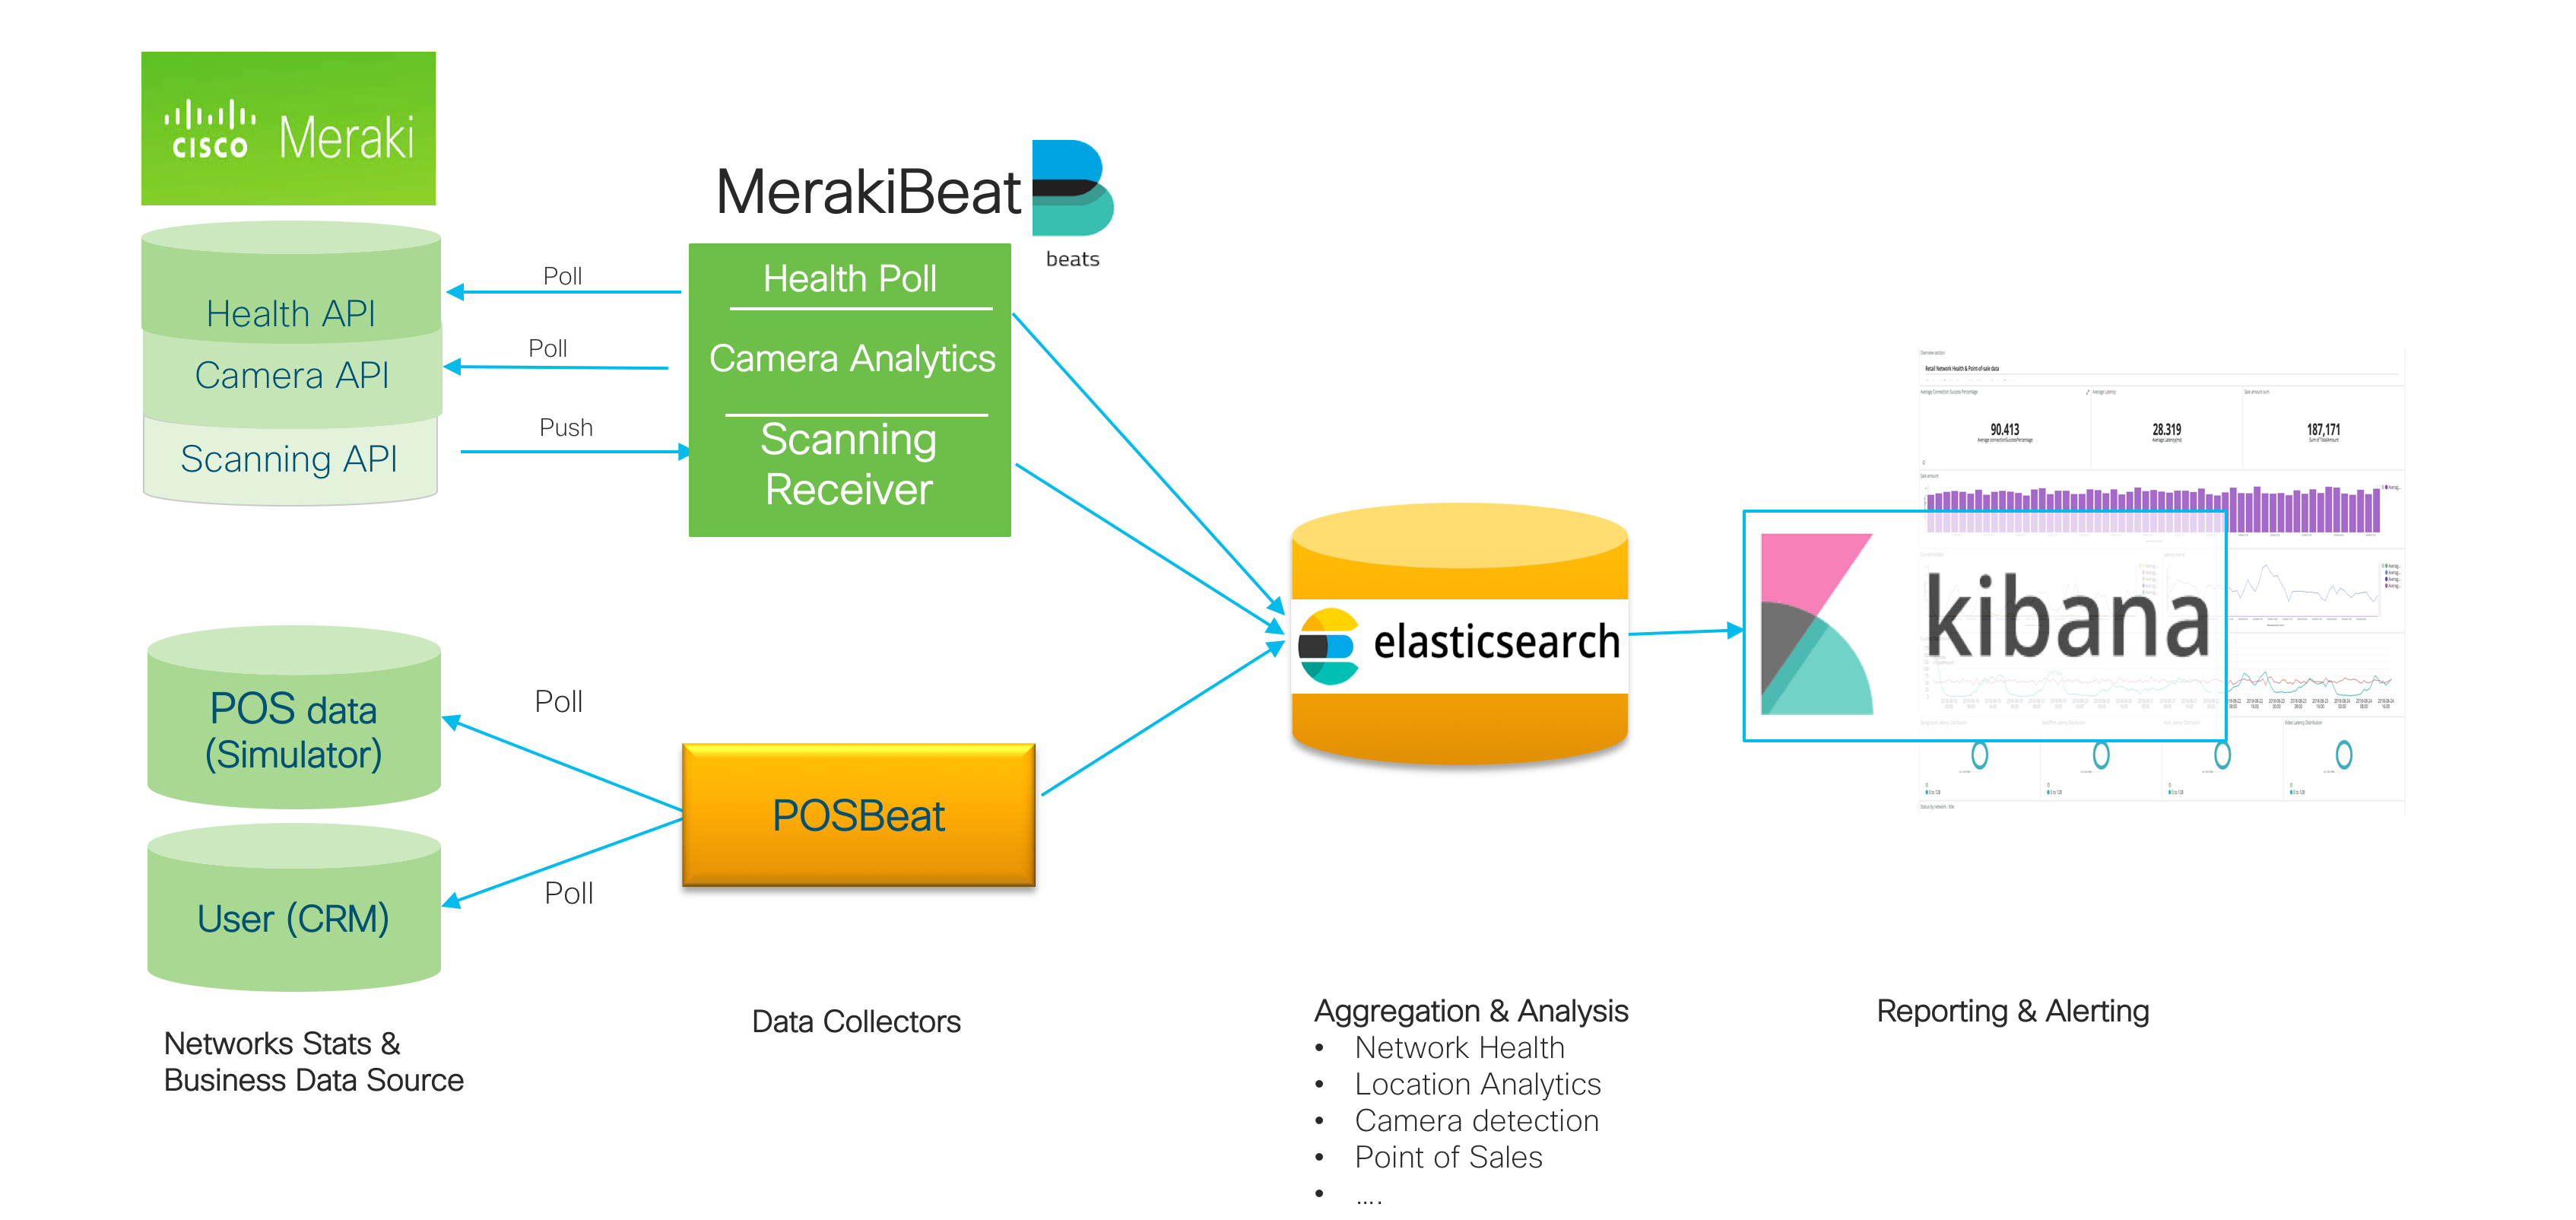 CiscoDevNet/merakibeat: Elastic Beat input plugin for Meraki